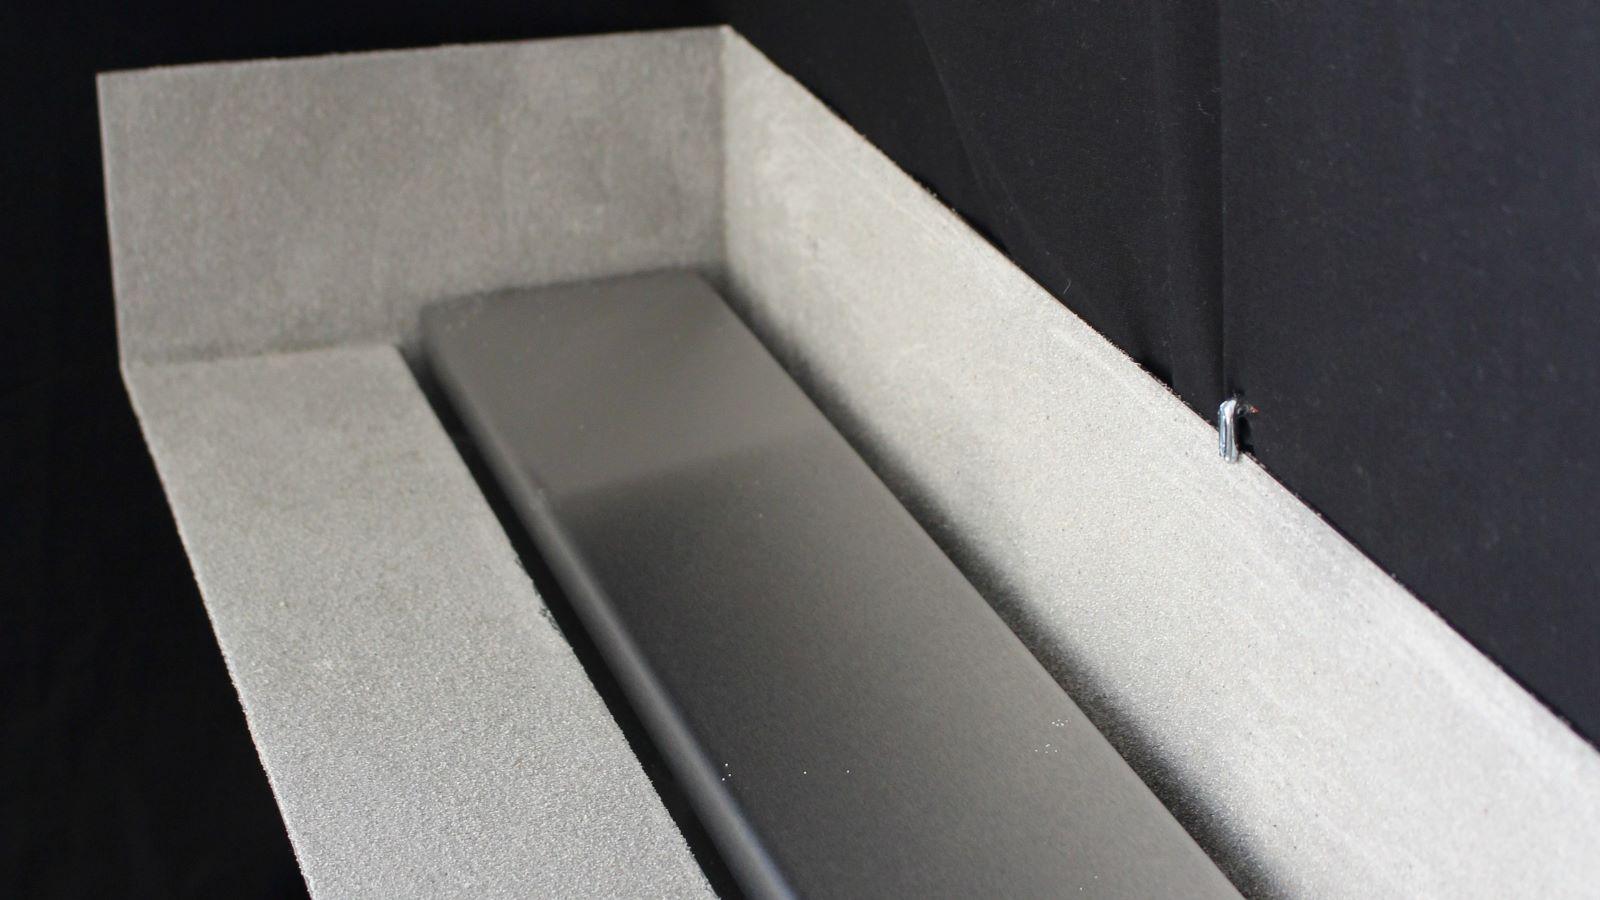 Abgebildet ist die robuste, flache, bis 600 cm laenge massgefertigte reihenduschrinne v4a edelstahl-duschrinne pro s mit dem ueber die gesamte laenge integriertem sandfang / schlammfang / schmutzfang. Die hochwertige, langlebige abdeckung aus gebuerstetem v4a edelstahl ist sehr pflegeleicht. Sie wird ohne werkzeug einfach zur reinigung der reihenduschrinne duschrinne pro s mit sandfang abgenommen. Diese rostfreie, auch fuer chorhaltiges wasser und salzwasser geeignete reihenduschrinne aus 2 mm v4a edelstahl eignet sich ideal mit ihren verschiedenen sonderausfuehrungen fuer jede einbausituation in reihenduschen. Sie zeichnet sich aus durch einfache montage, sichere abdichtung und passt ideal zu grossformatigen fliesen. Zusammen gewaehrt das Duo aus reihenduschrinne v4a edelstahl duschrinne pro s und xxl-fliesen eine pflegeleichte, auch nach vielen jahren noch vorzeigbare reihendusche. Da macht es den nutzern der reihendusche spass, sich nach dem sport den sand abzuduschen.